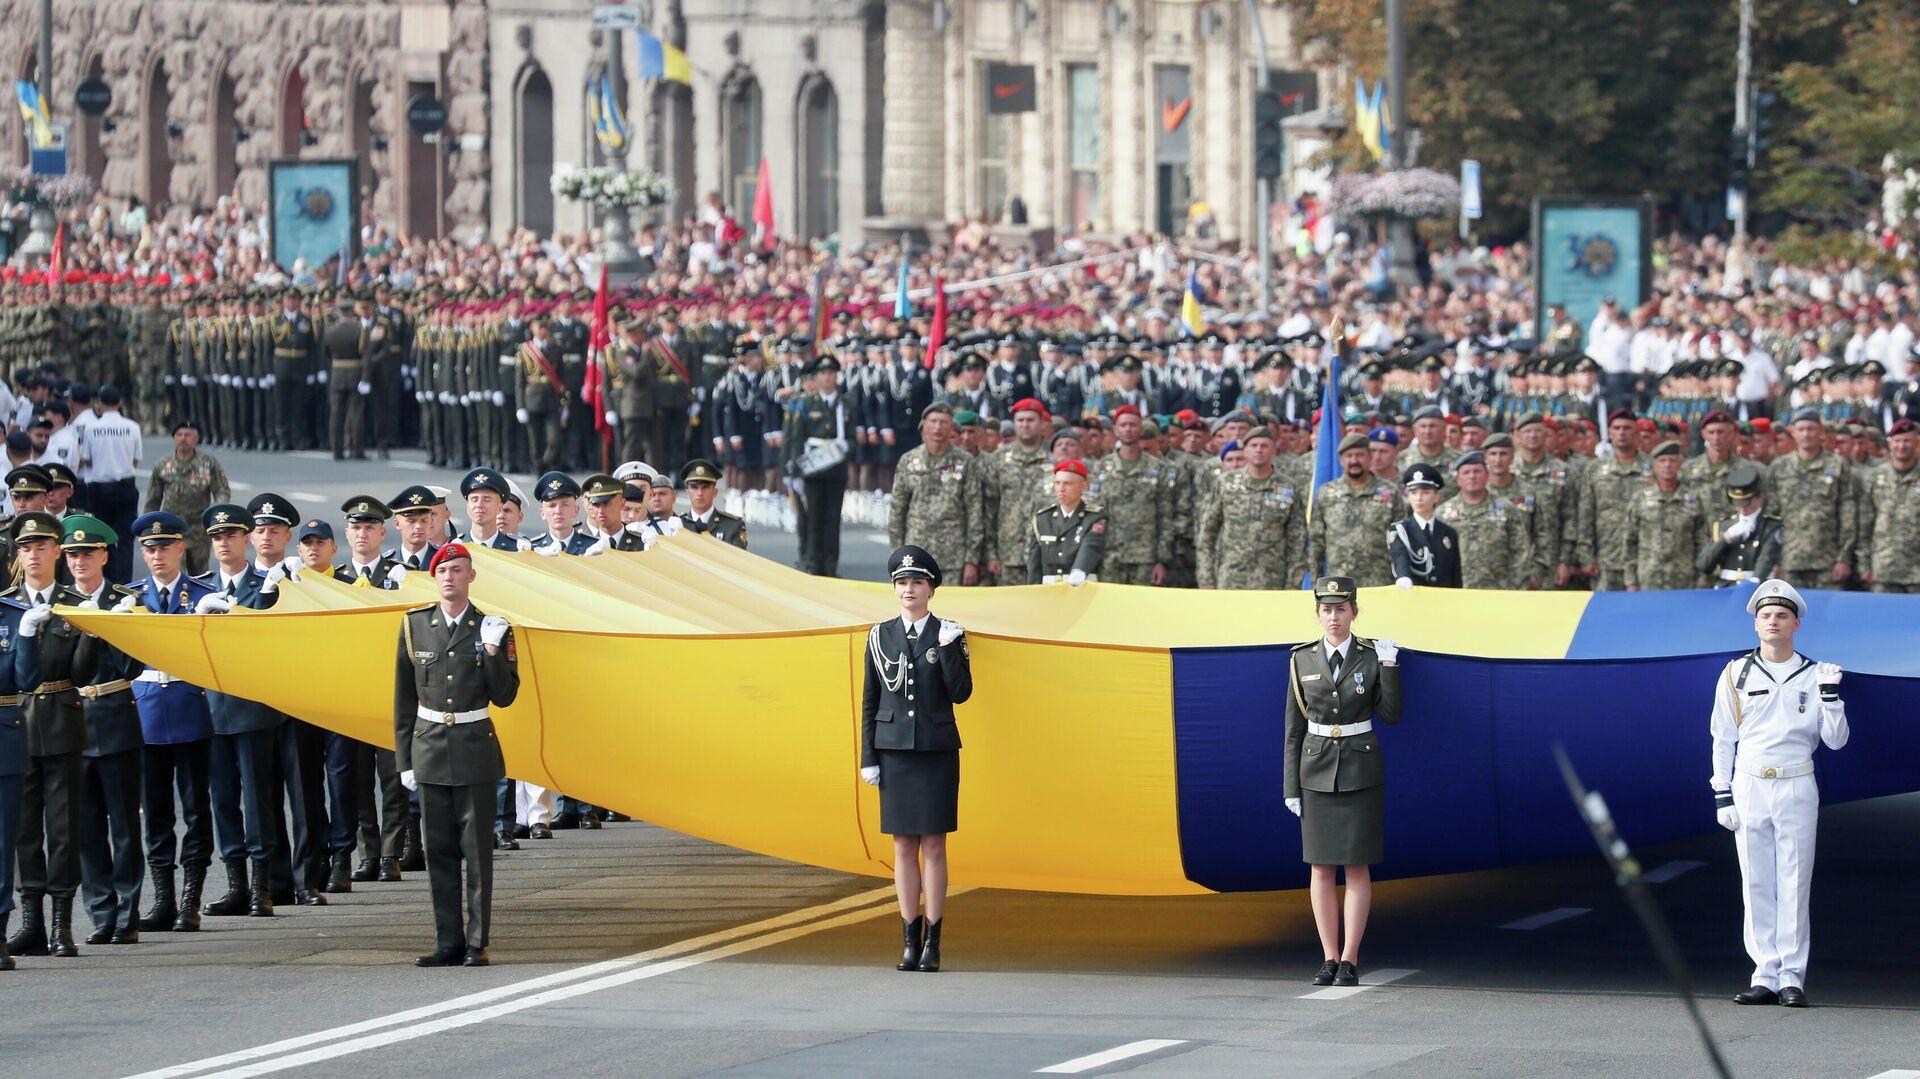 В Киеве начался военный парад ко Дню независимости Украины - РИА Новости, 24.08.2021